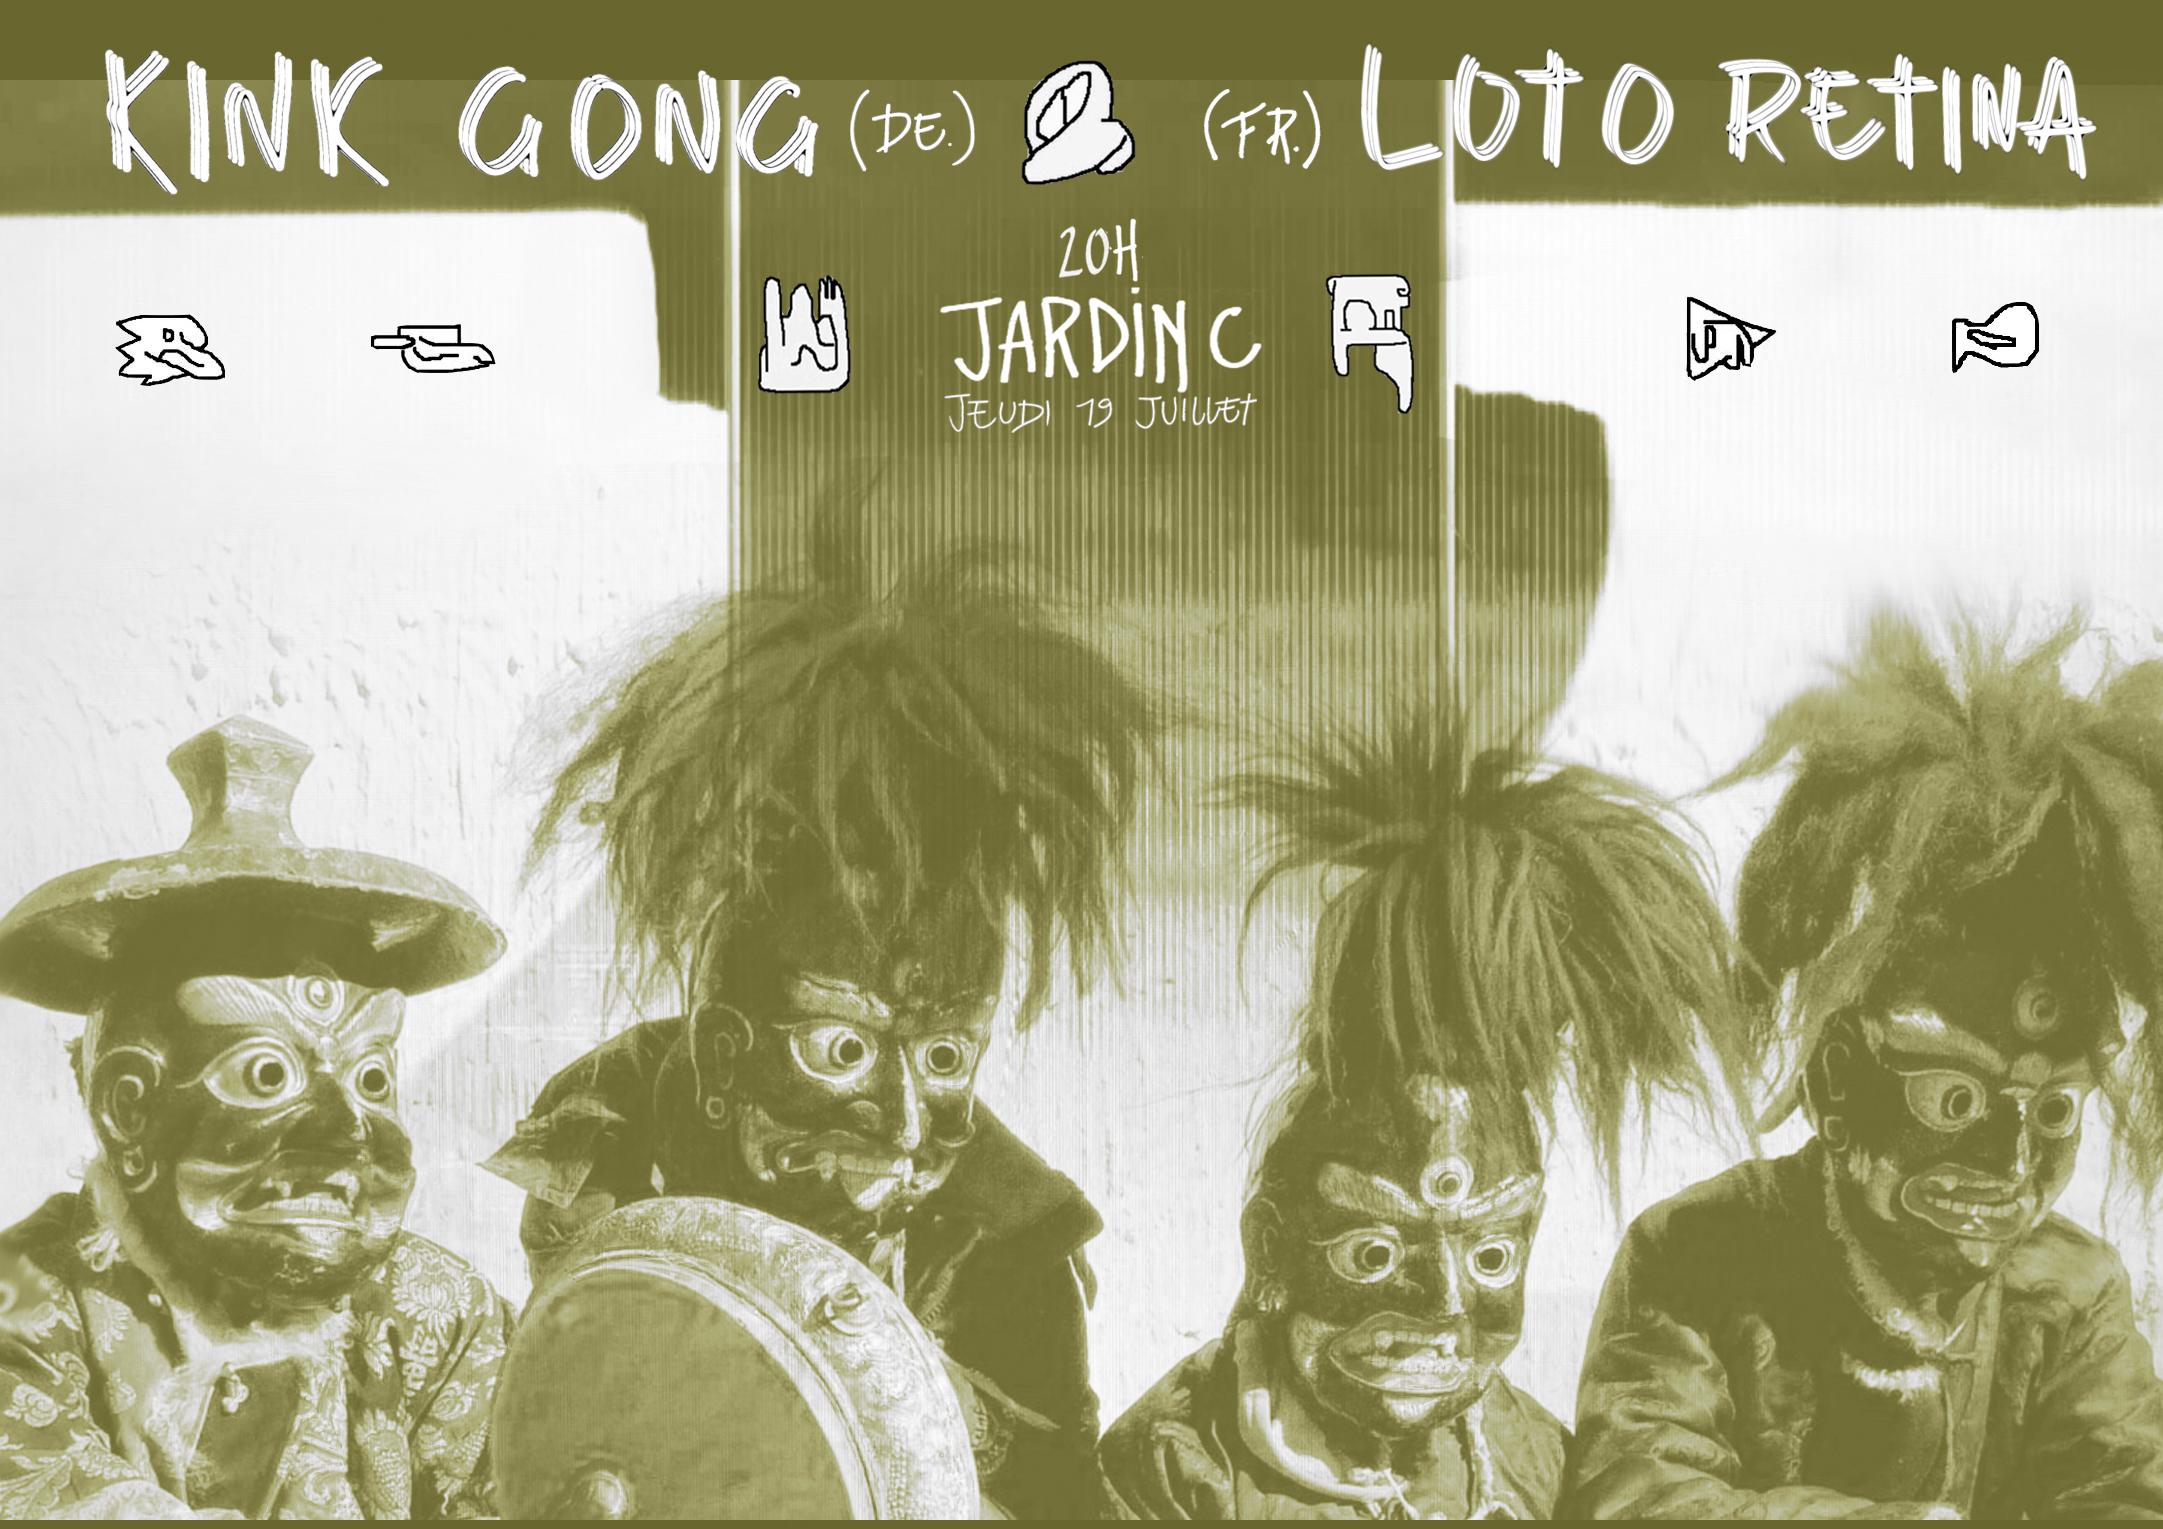 Kink Gong • Loto Retina